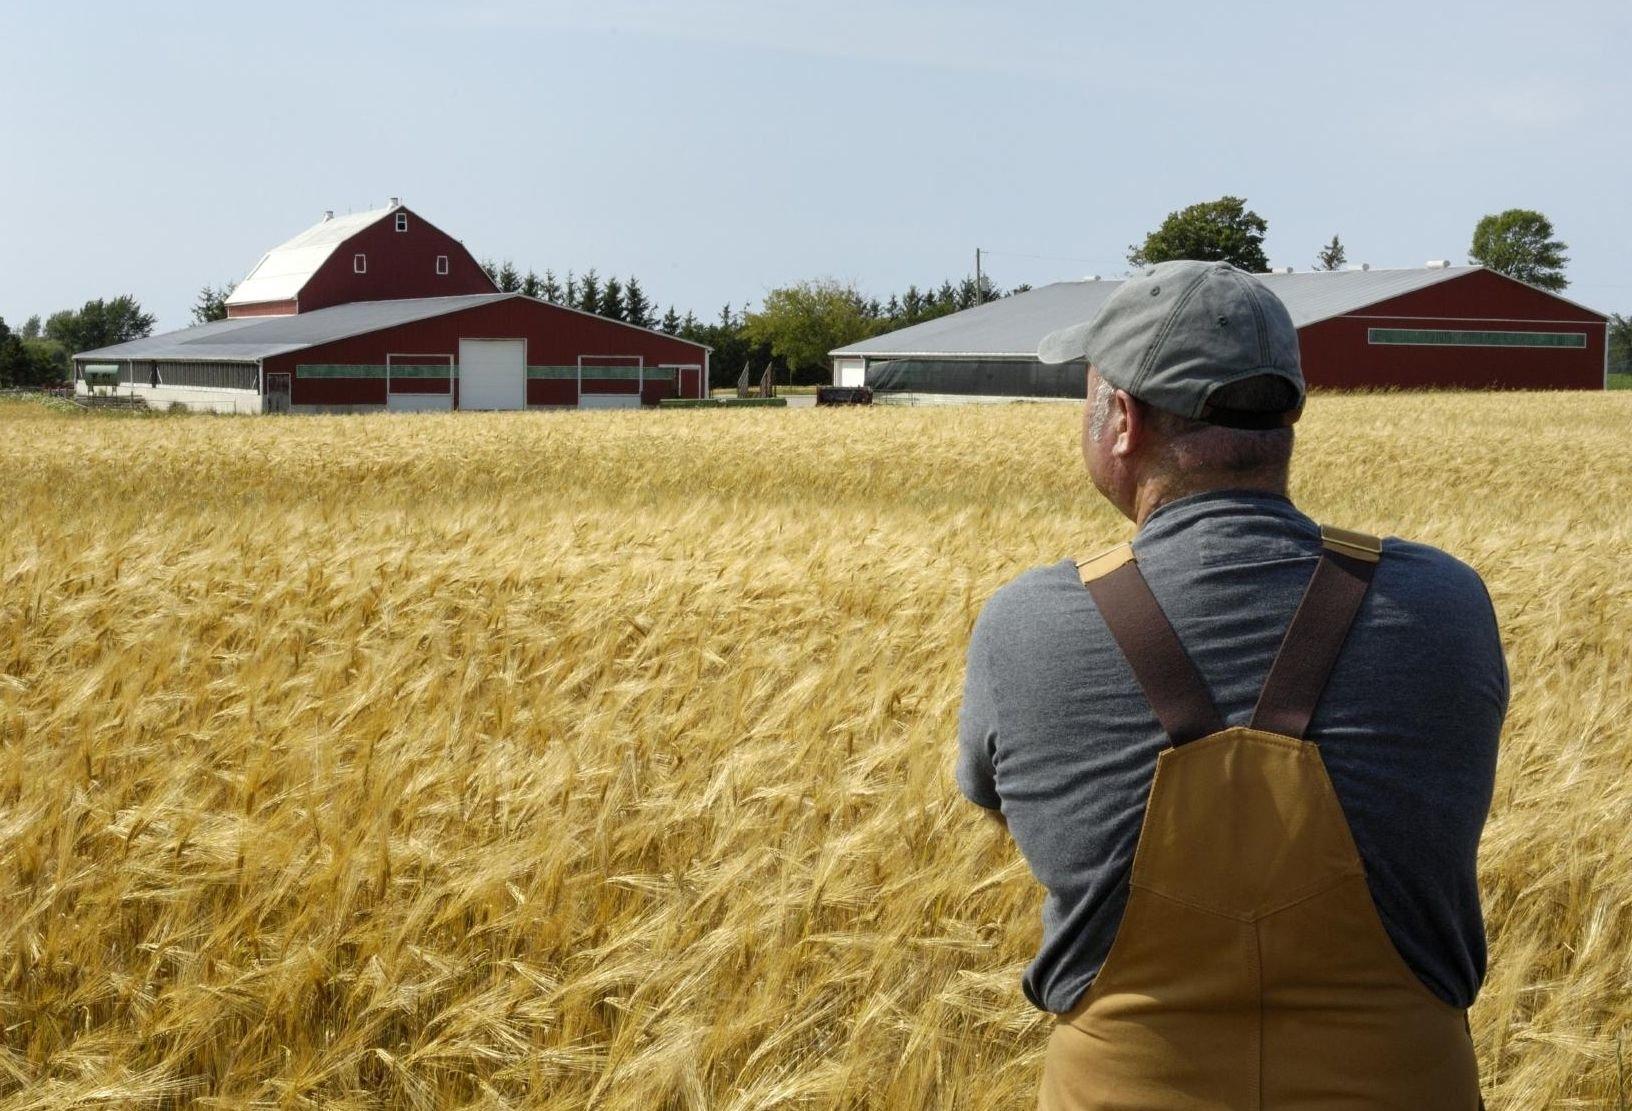 Земельные паи сельхозназначения. Что такое земельный пай и для чего он нужен